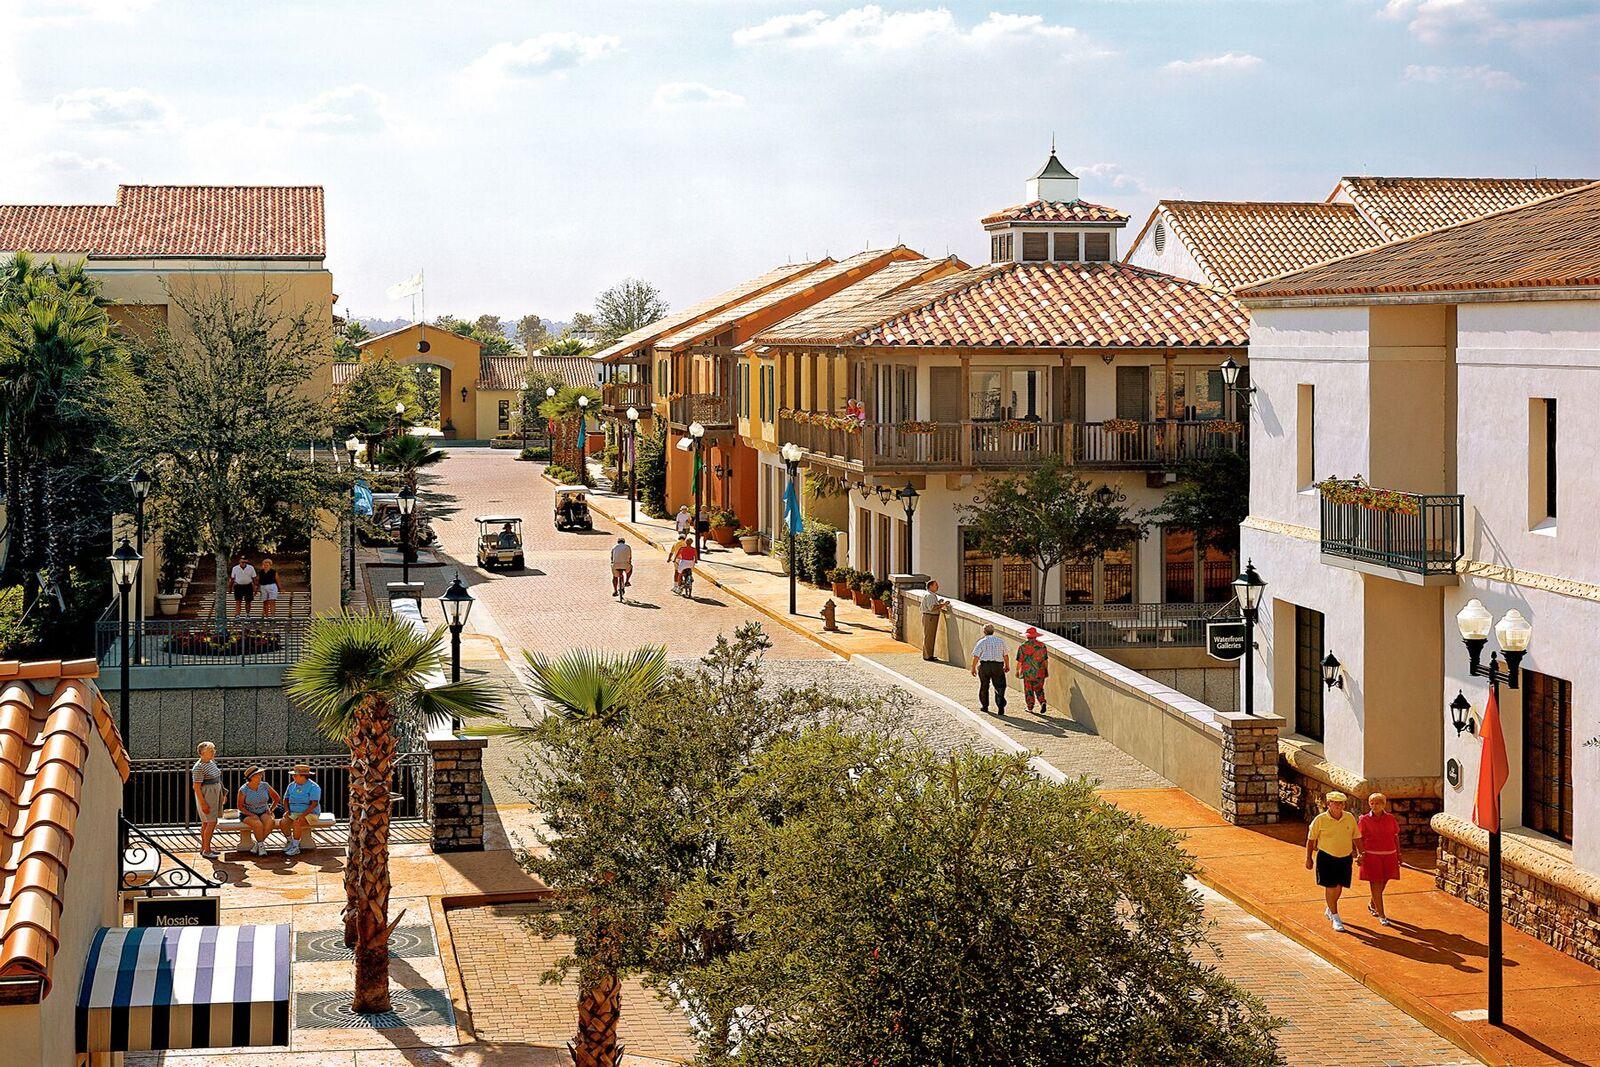 solivita village center